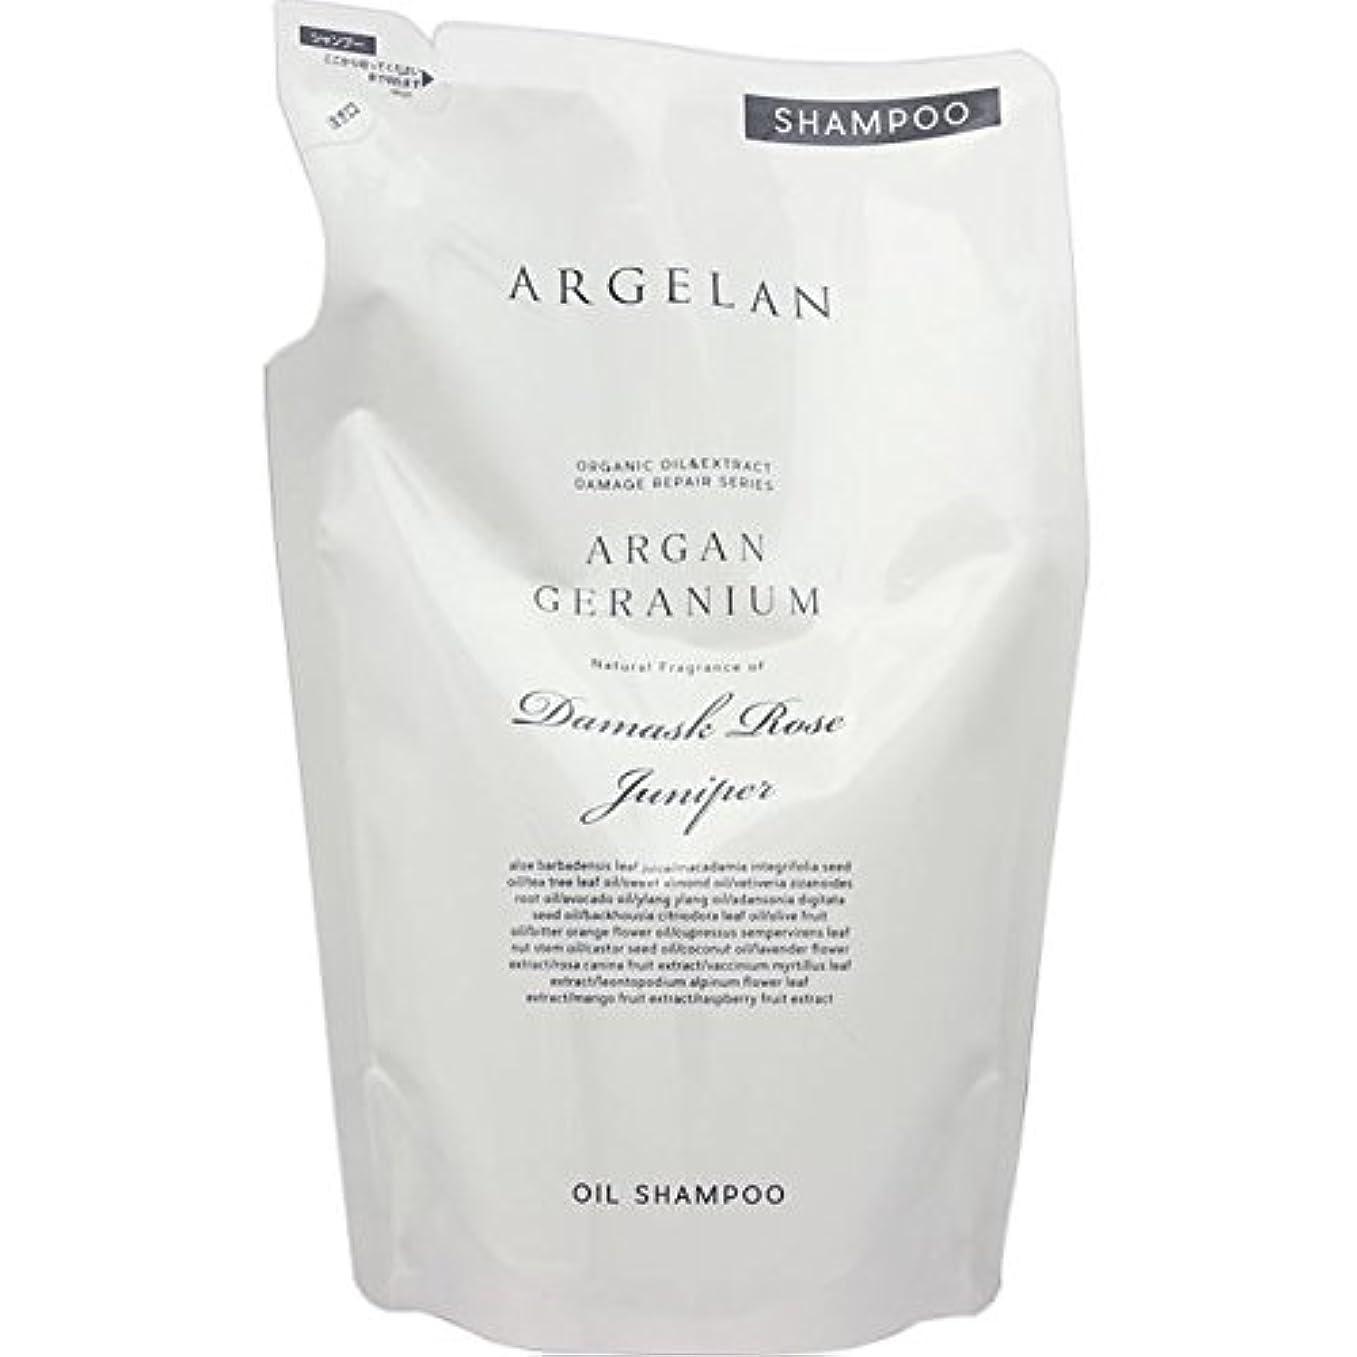 開示する否認する申請中アルジェラン オーガニック 手搾りアルガン オイル シャンプー 詰替え用 400ml詰替